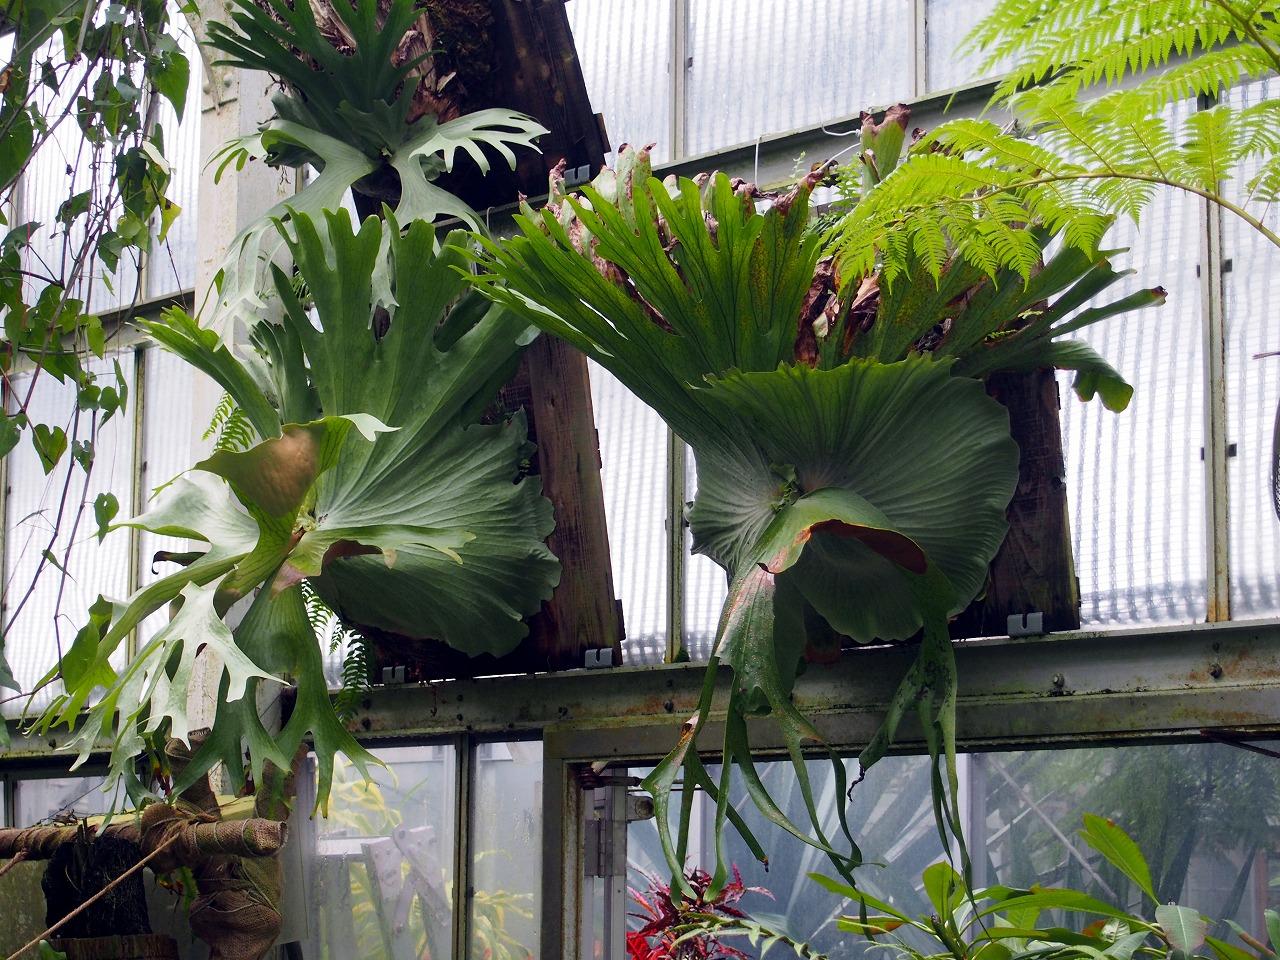 BotanicalGarden116_20141115.jpg